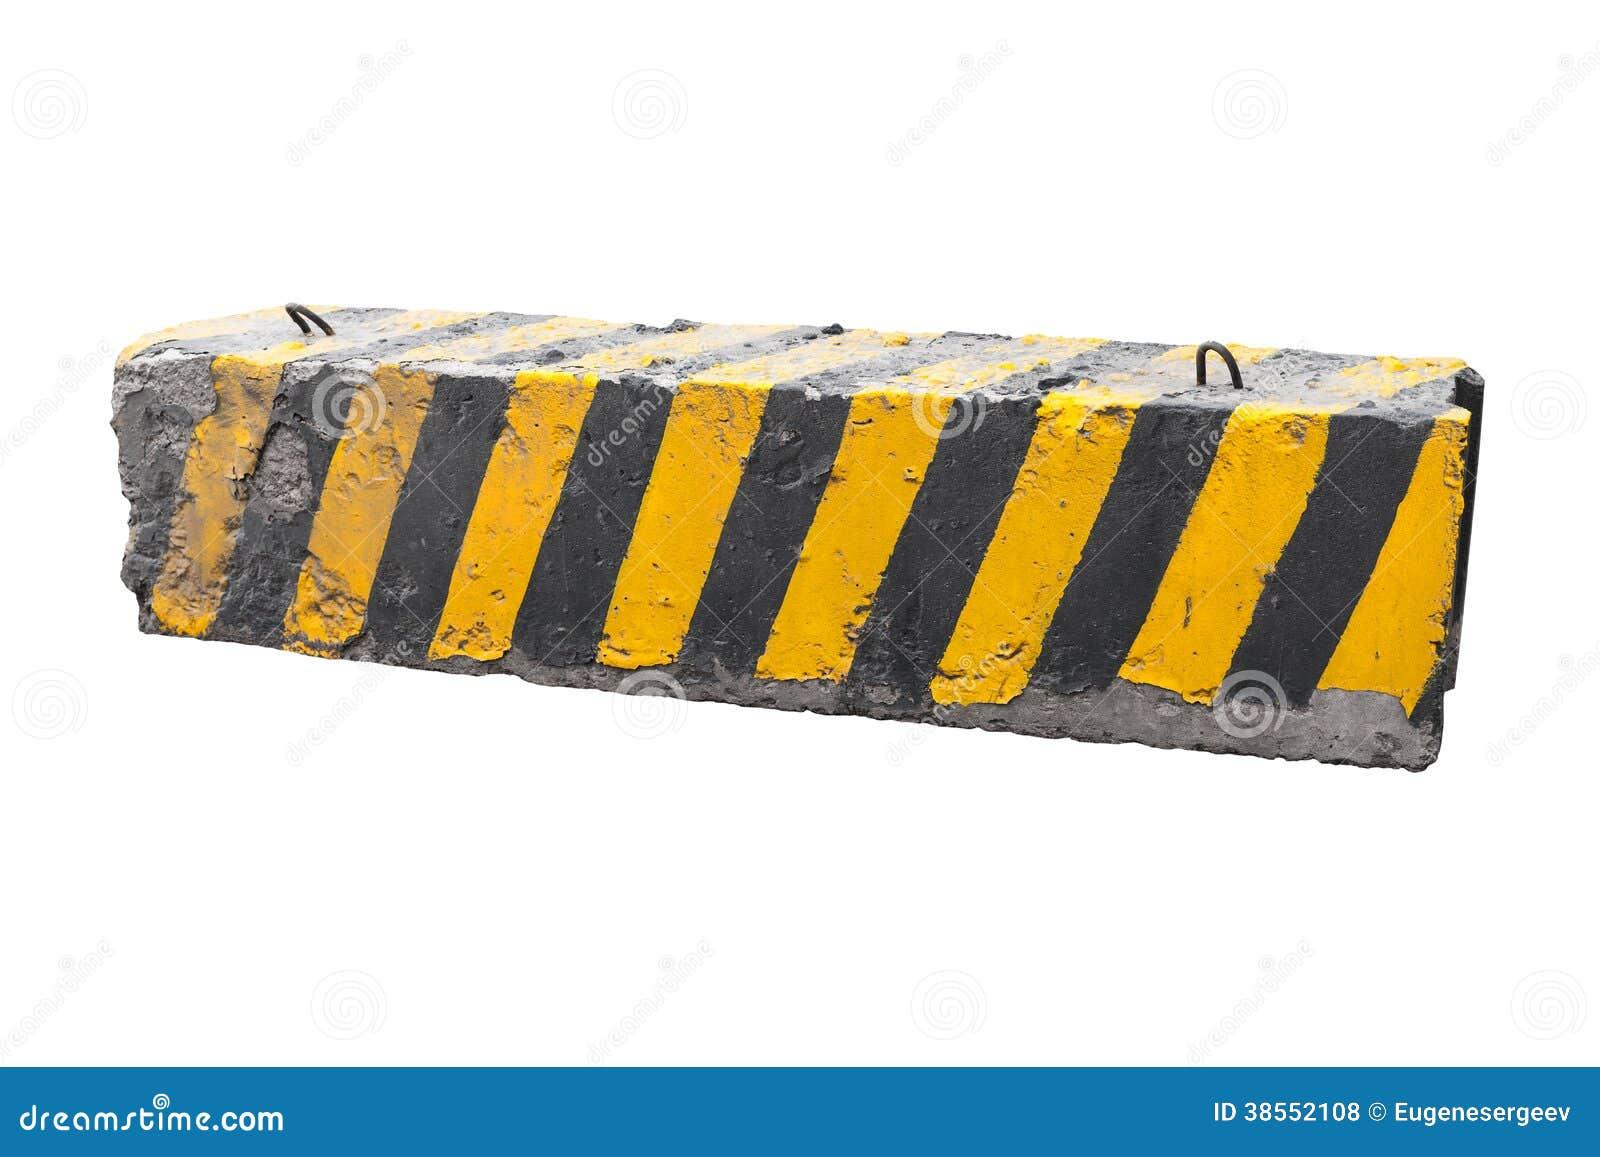 Barriera nera e gialla a strisce della strada cementata